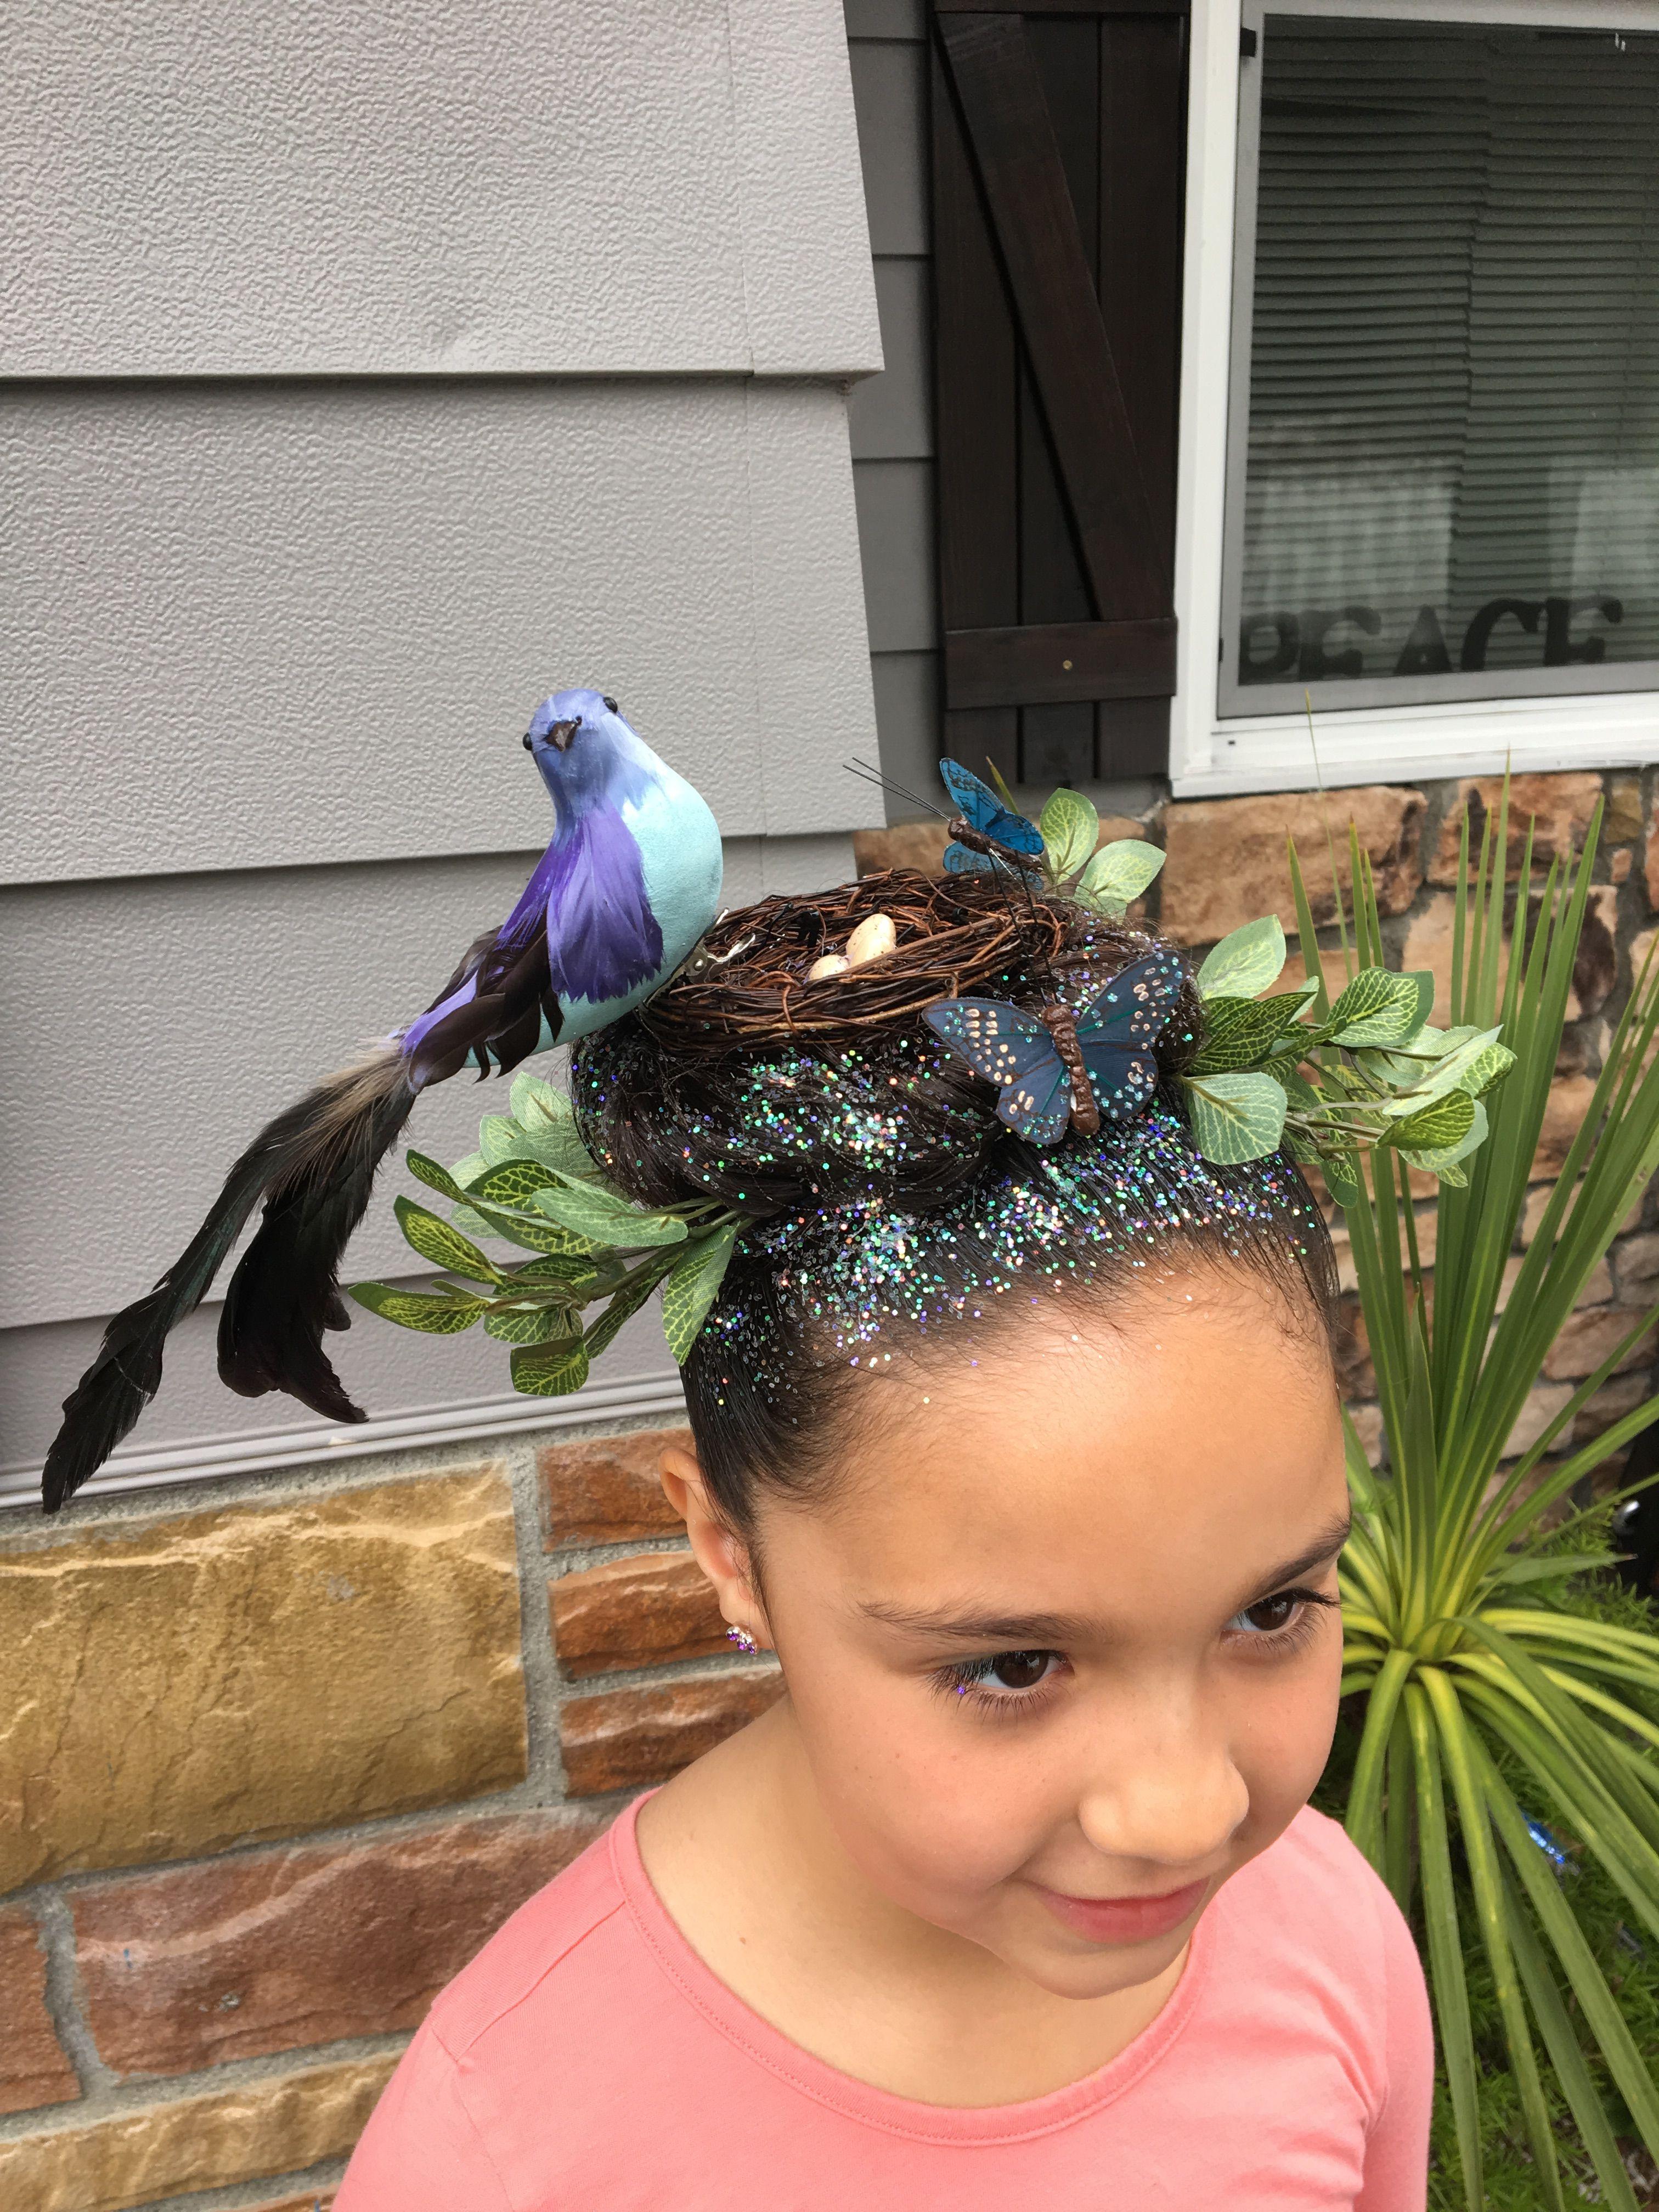 Crazy Hair Day At School Bird Nest Crazy Hair Day At School Crazy Hair Crazy Hair Days